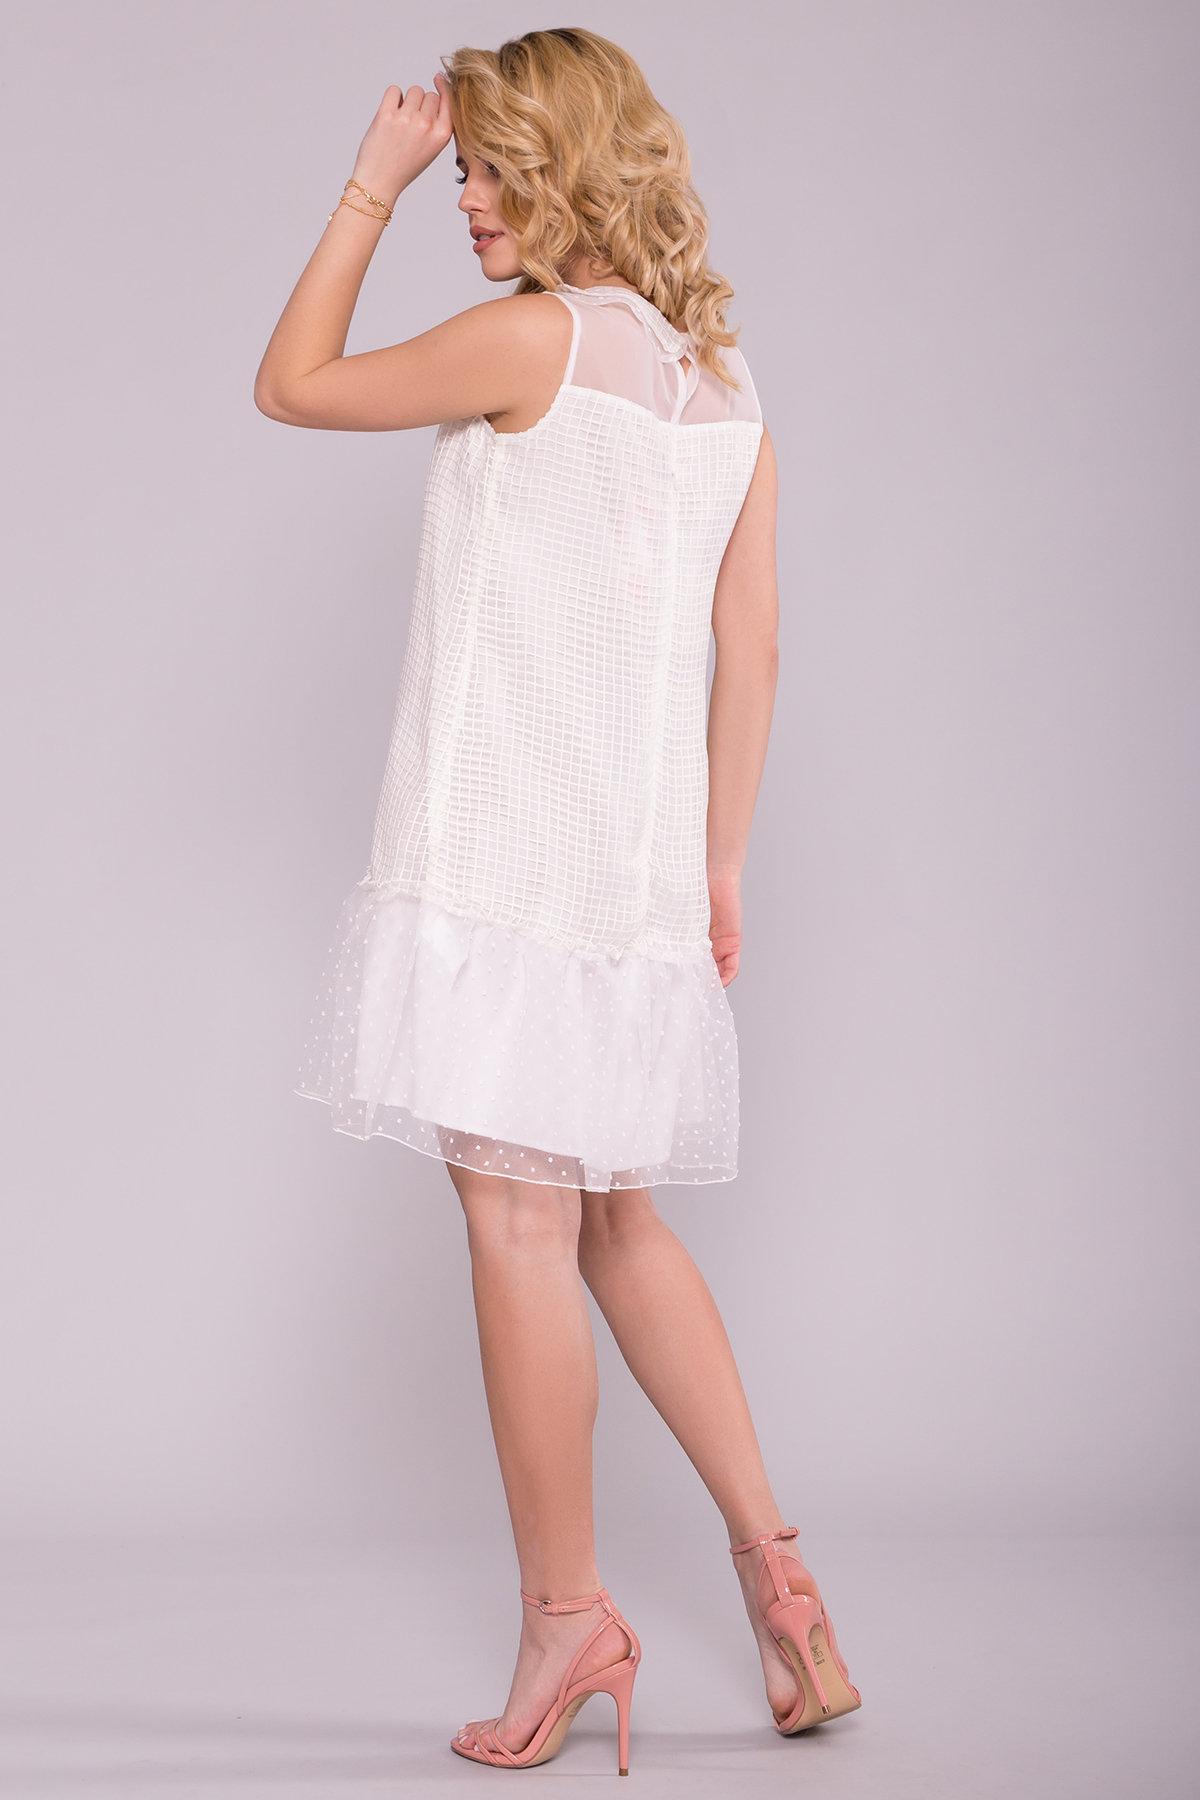 Платье Трапеция Манила 7120 Цвет: Клетка молоко/мушка/молоко